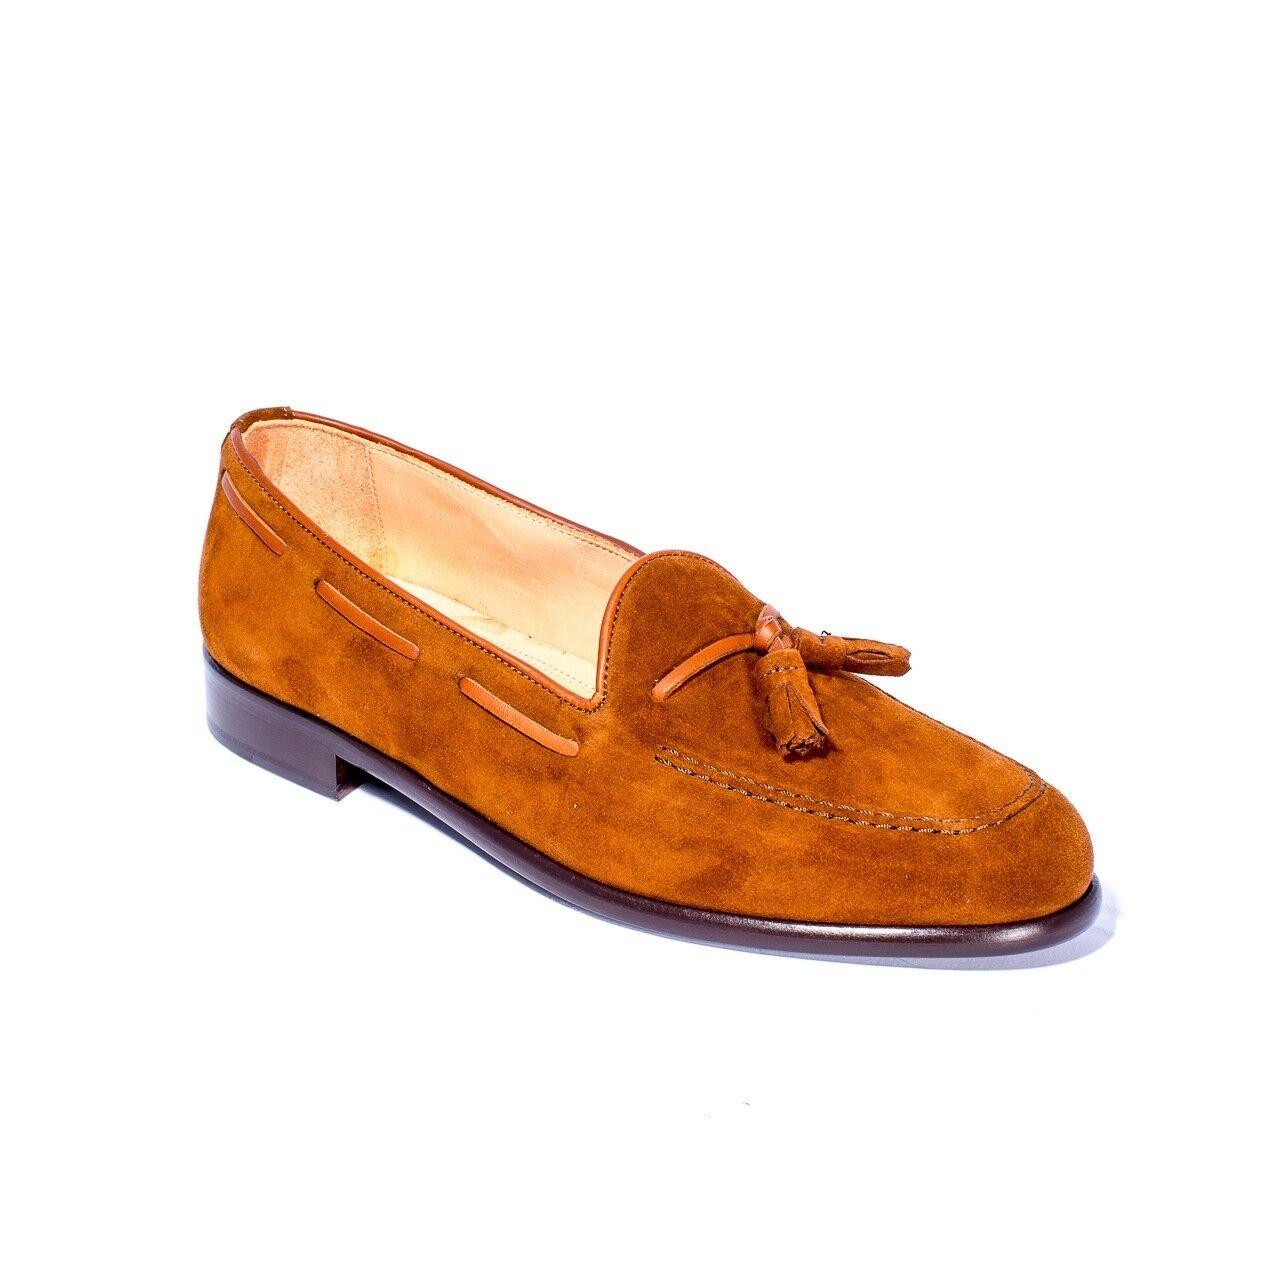 servizio di prima classe Zelli Franco Franco Franco Tobacco Marrone Suede Calfskin Loafer scarpe  moda